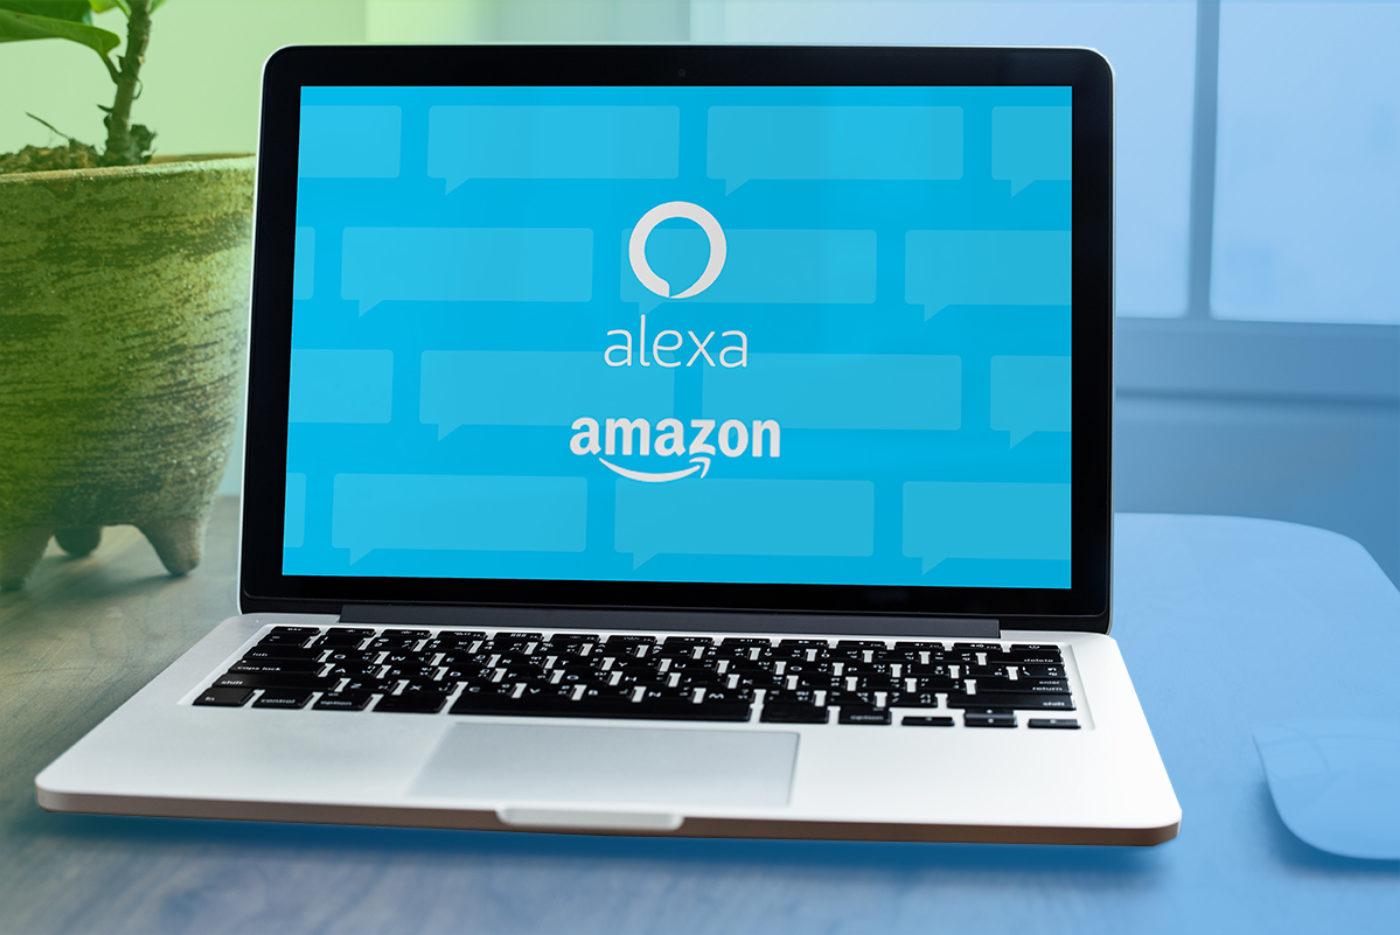 Мероприятия: Мастер-класс «Alexa — голосовой помощник от Amazon: как с помощью Node.js прокачать ее скилы» в Днепре